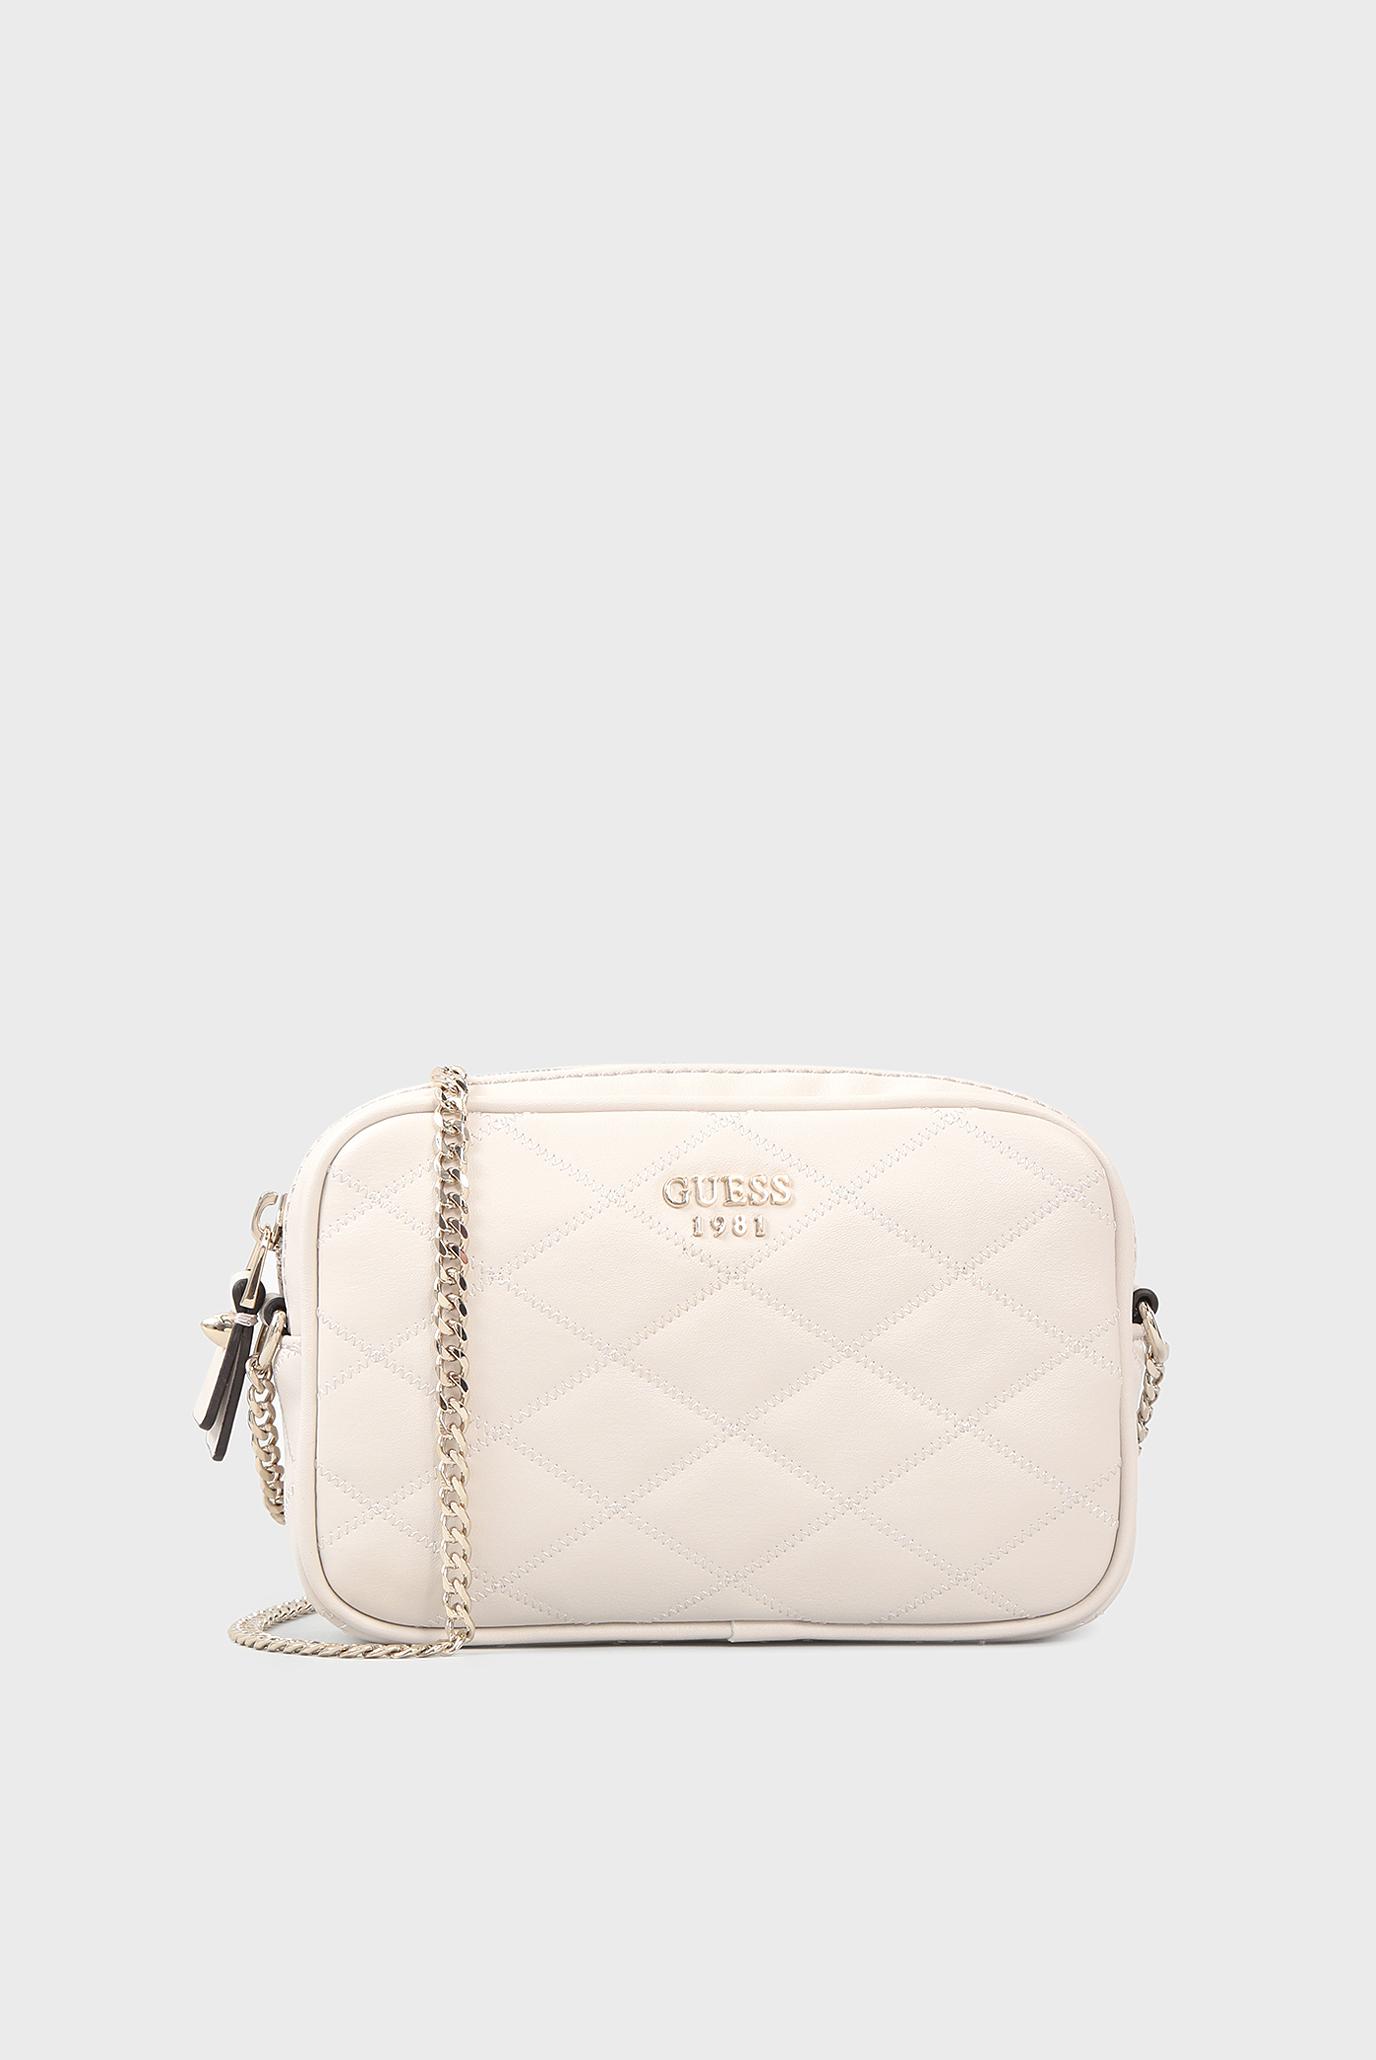 6f1c4f3eed85 Купить Женская бежевая сумка через плечо Guess Guess HWVG6963700 – Киев,  Украина. Цены в интернет магазине MD Fashion